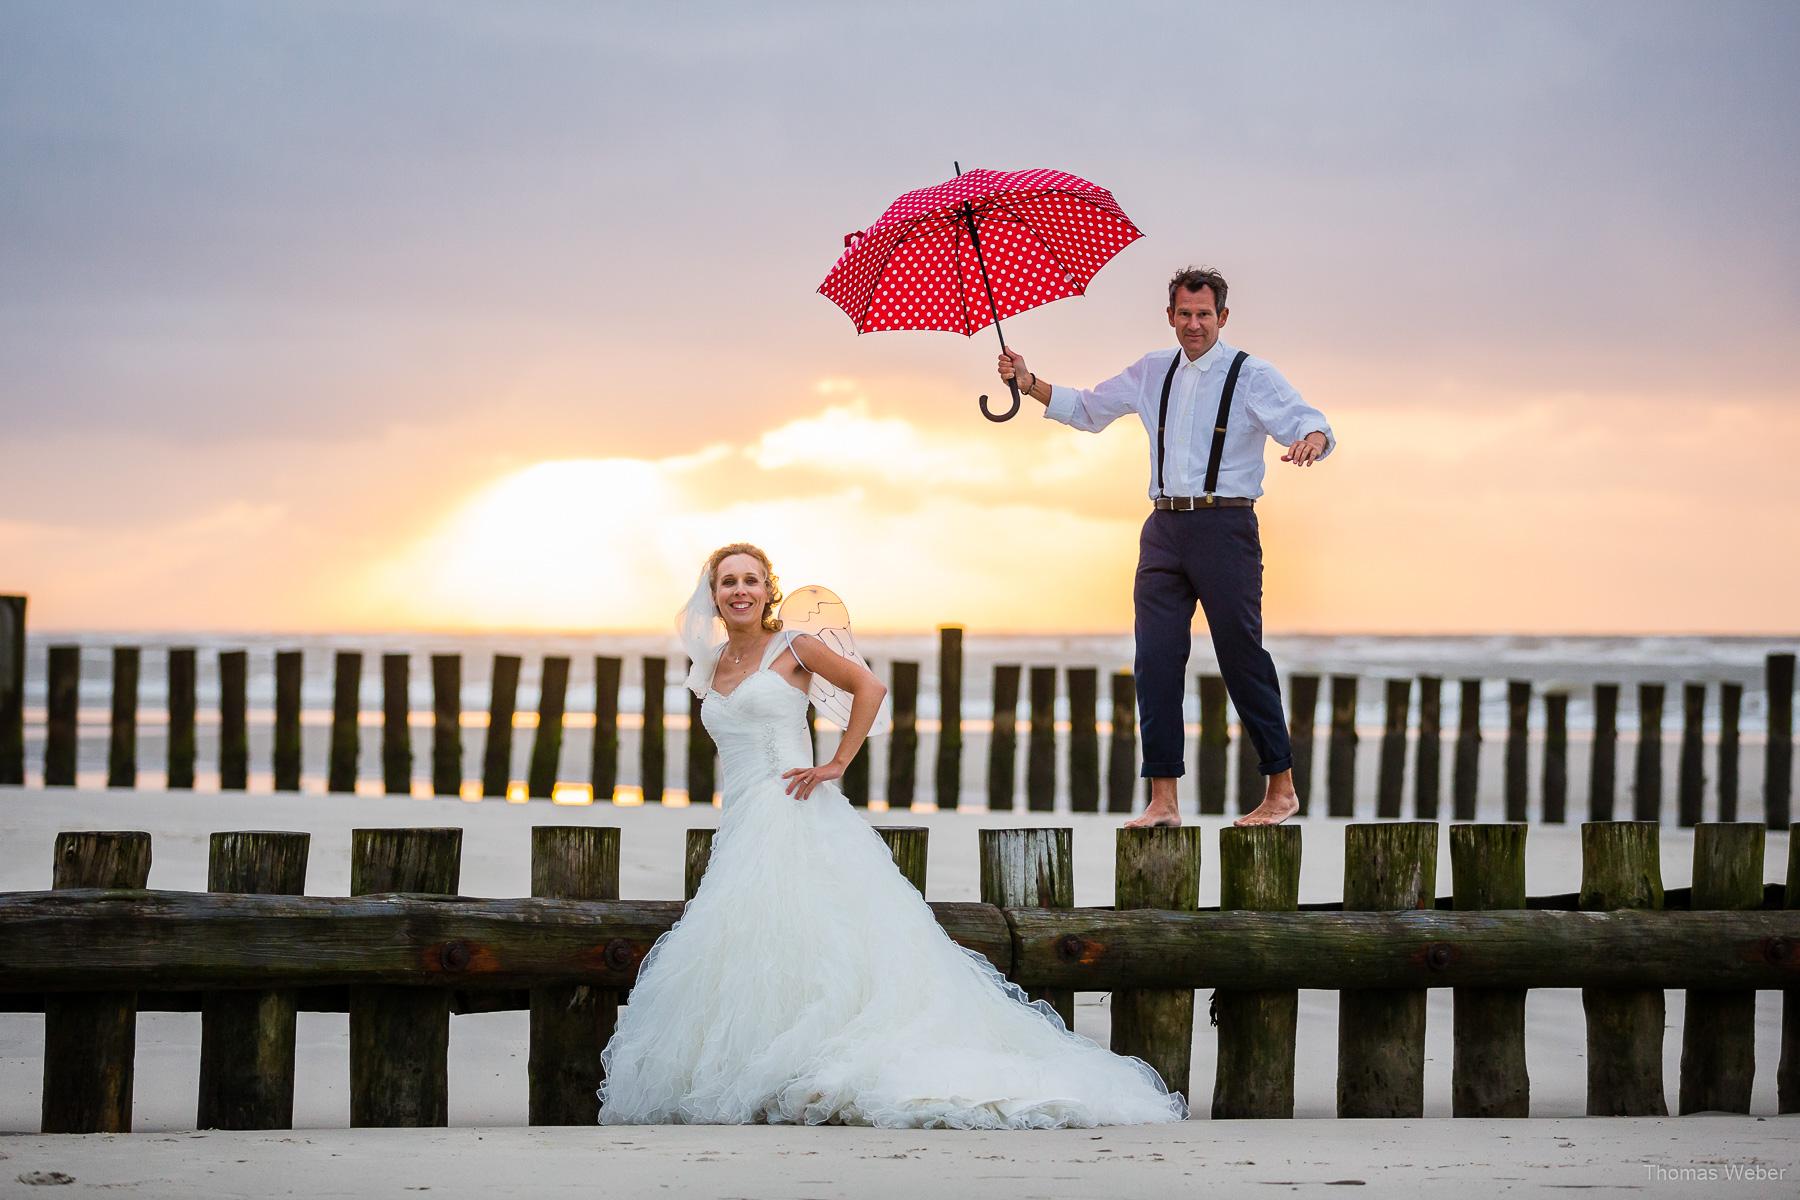 Hochzeitsfotograf auf Wangerooge, moderne Hochzeitsfotos mit Hochzeitskleid am Strand bei Sonnenuntergang, Hochzeitsfotograf Thomas Weber aus Oldenburg